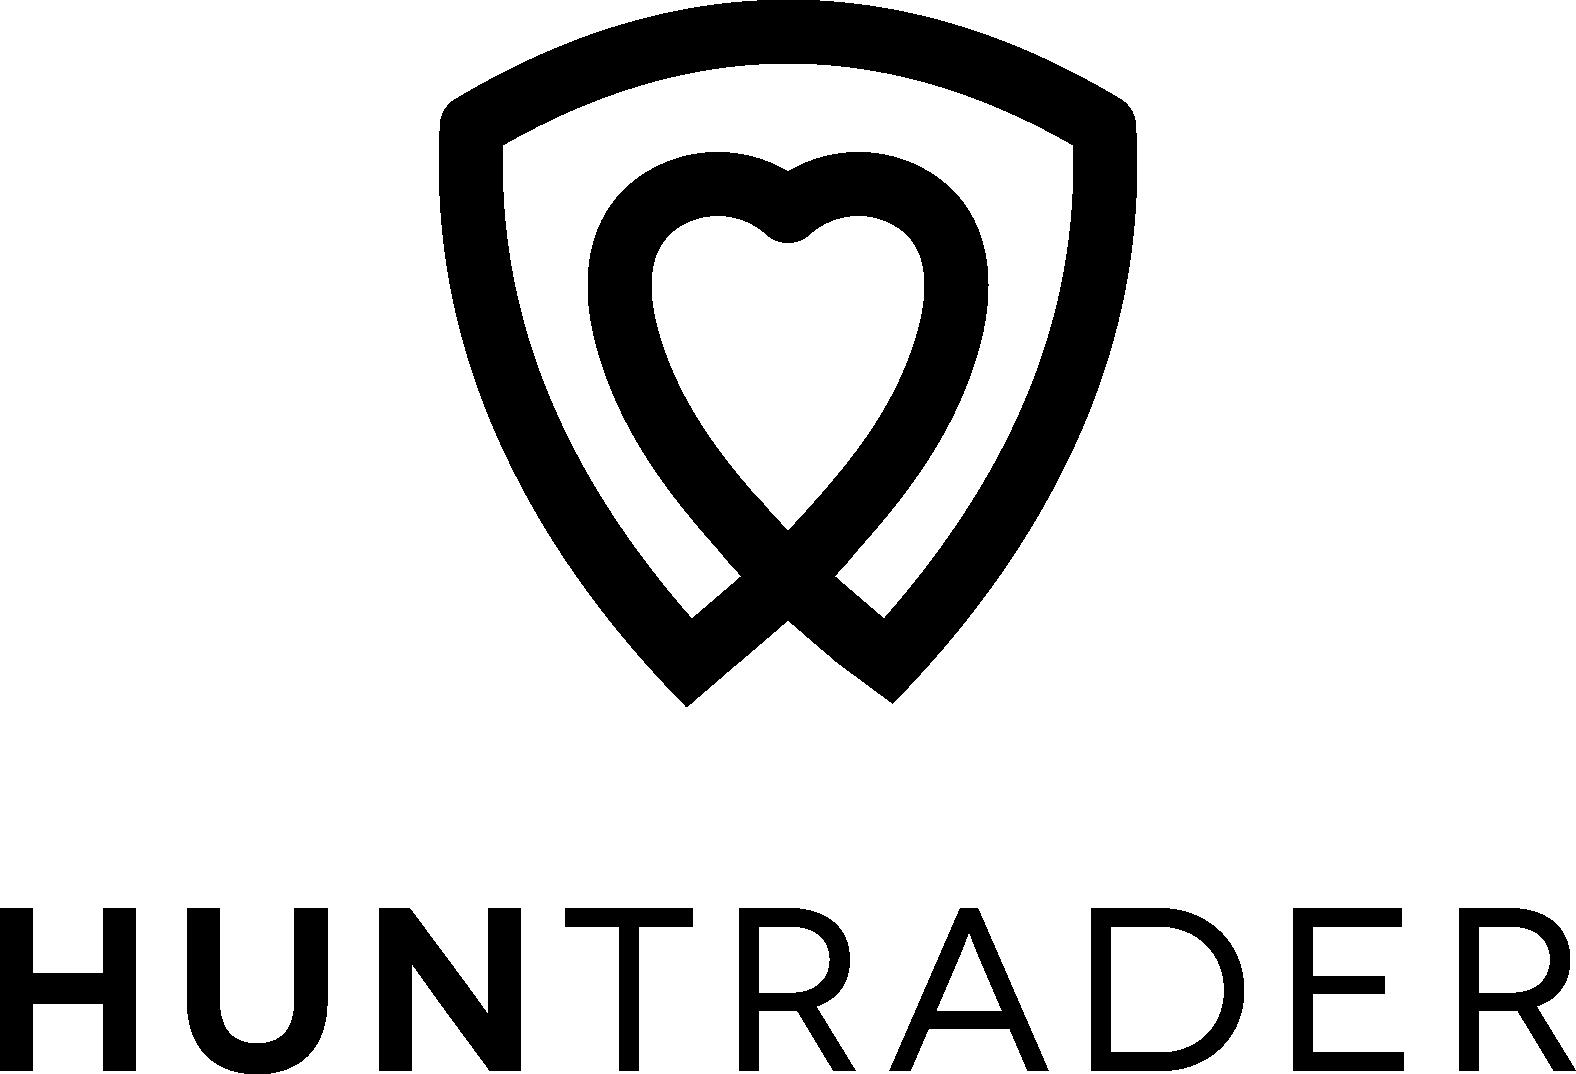 Wholesale elegant / classic logo